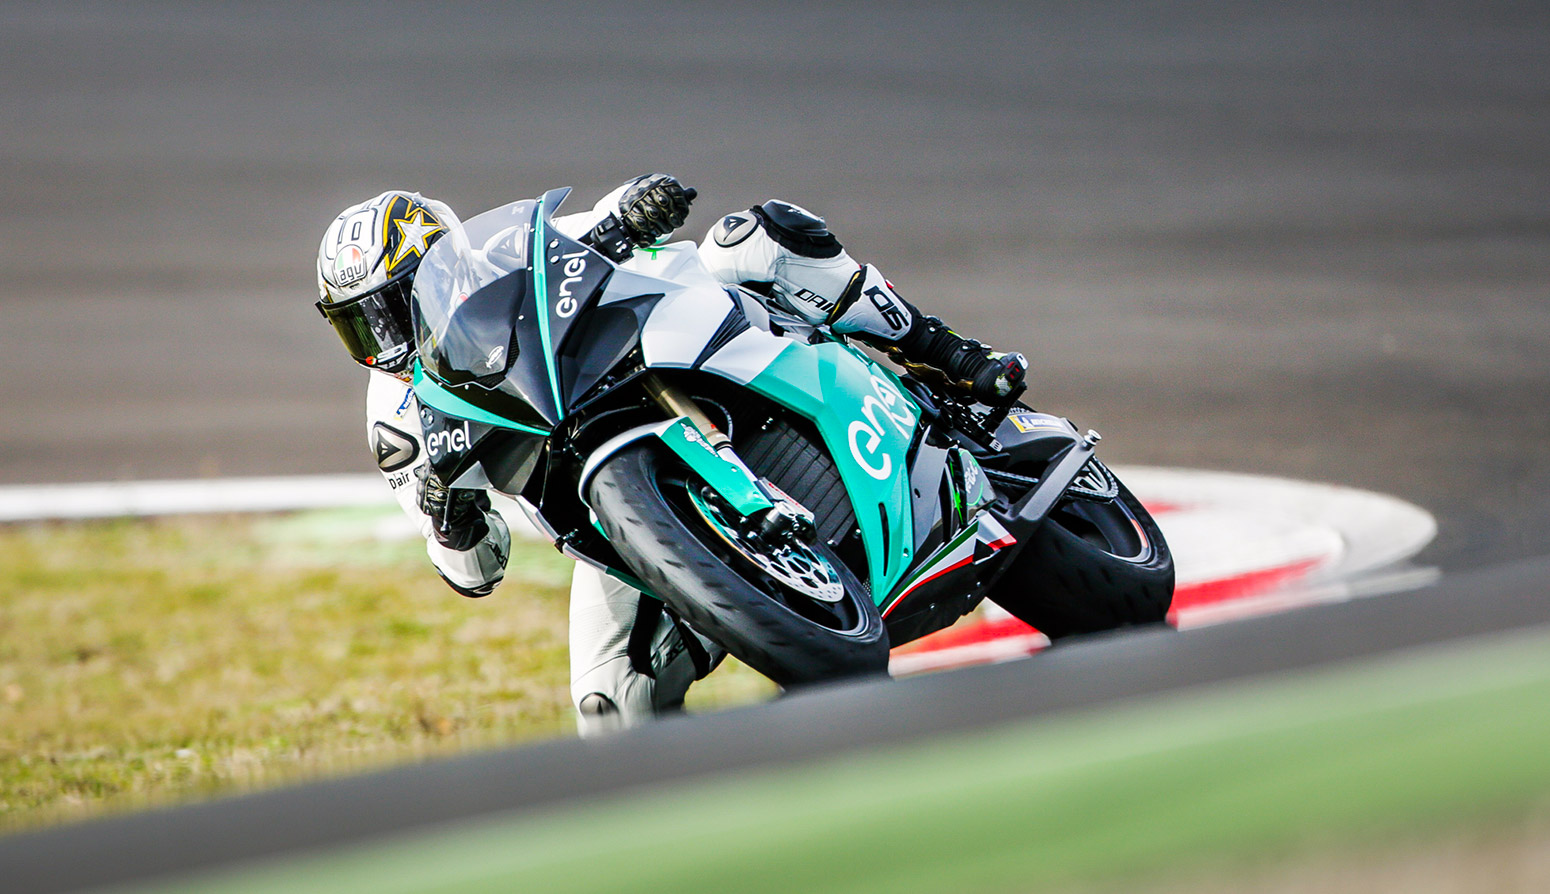 Moto GP:n rinnalle tulevaan Moto-e -luokkaan Energican sähkömoottoripyörät